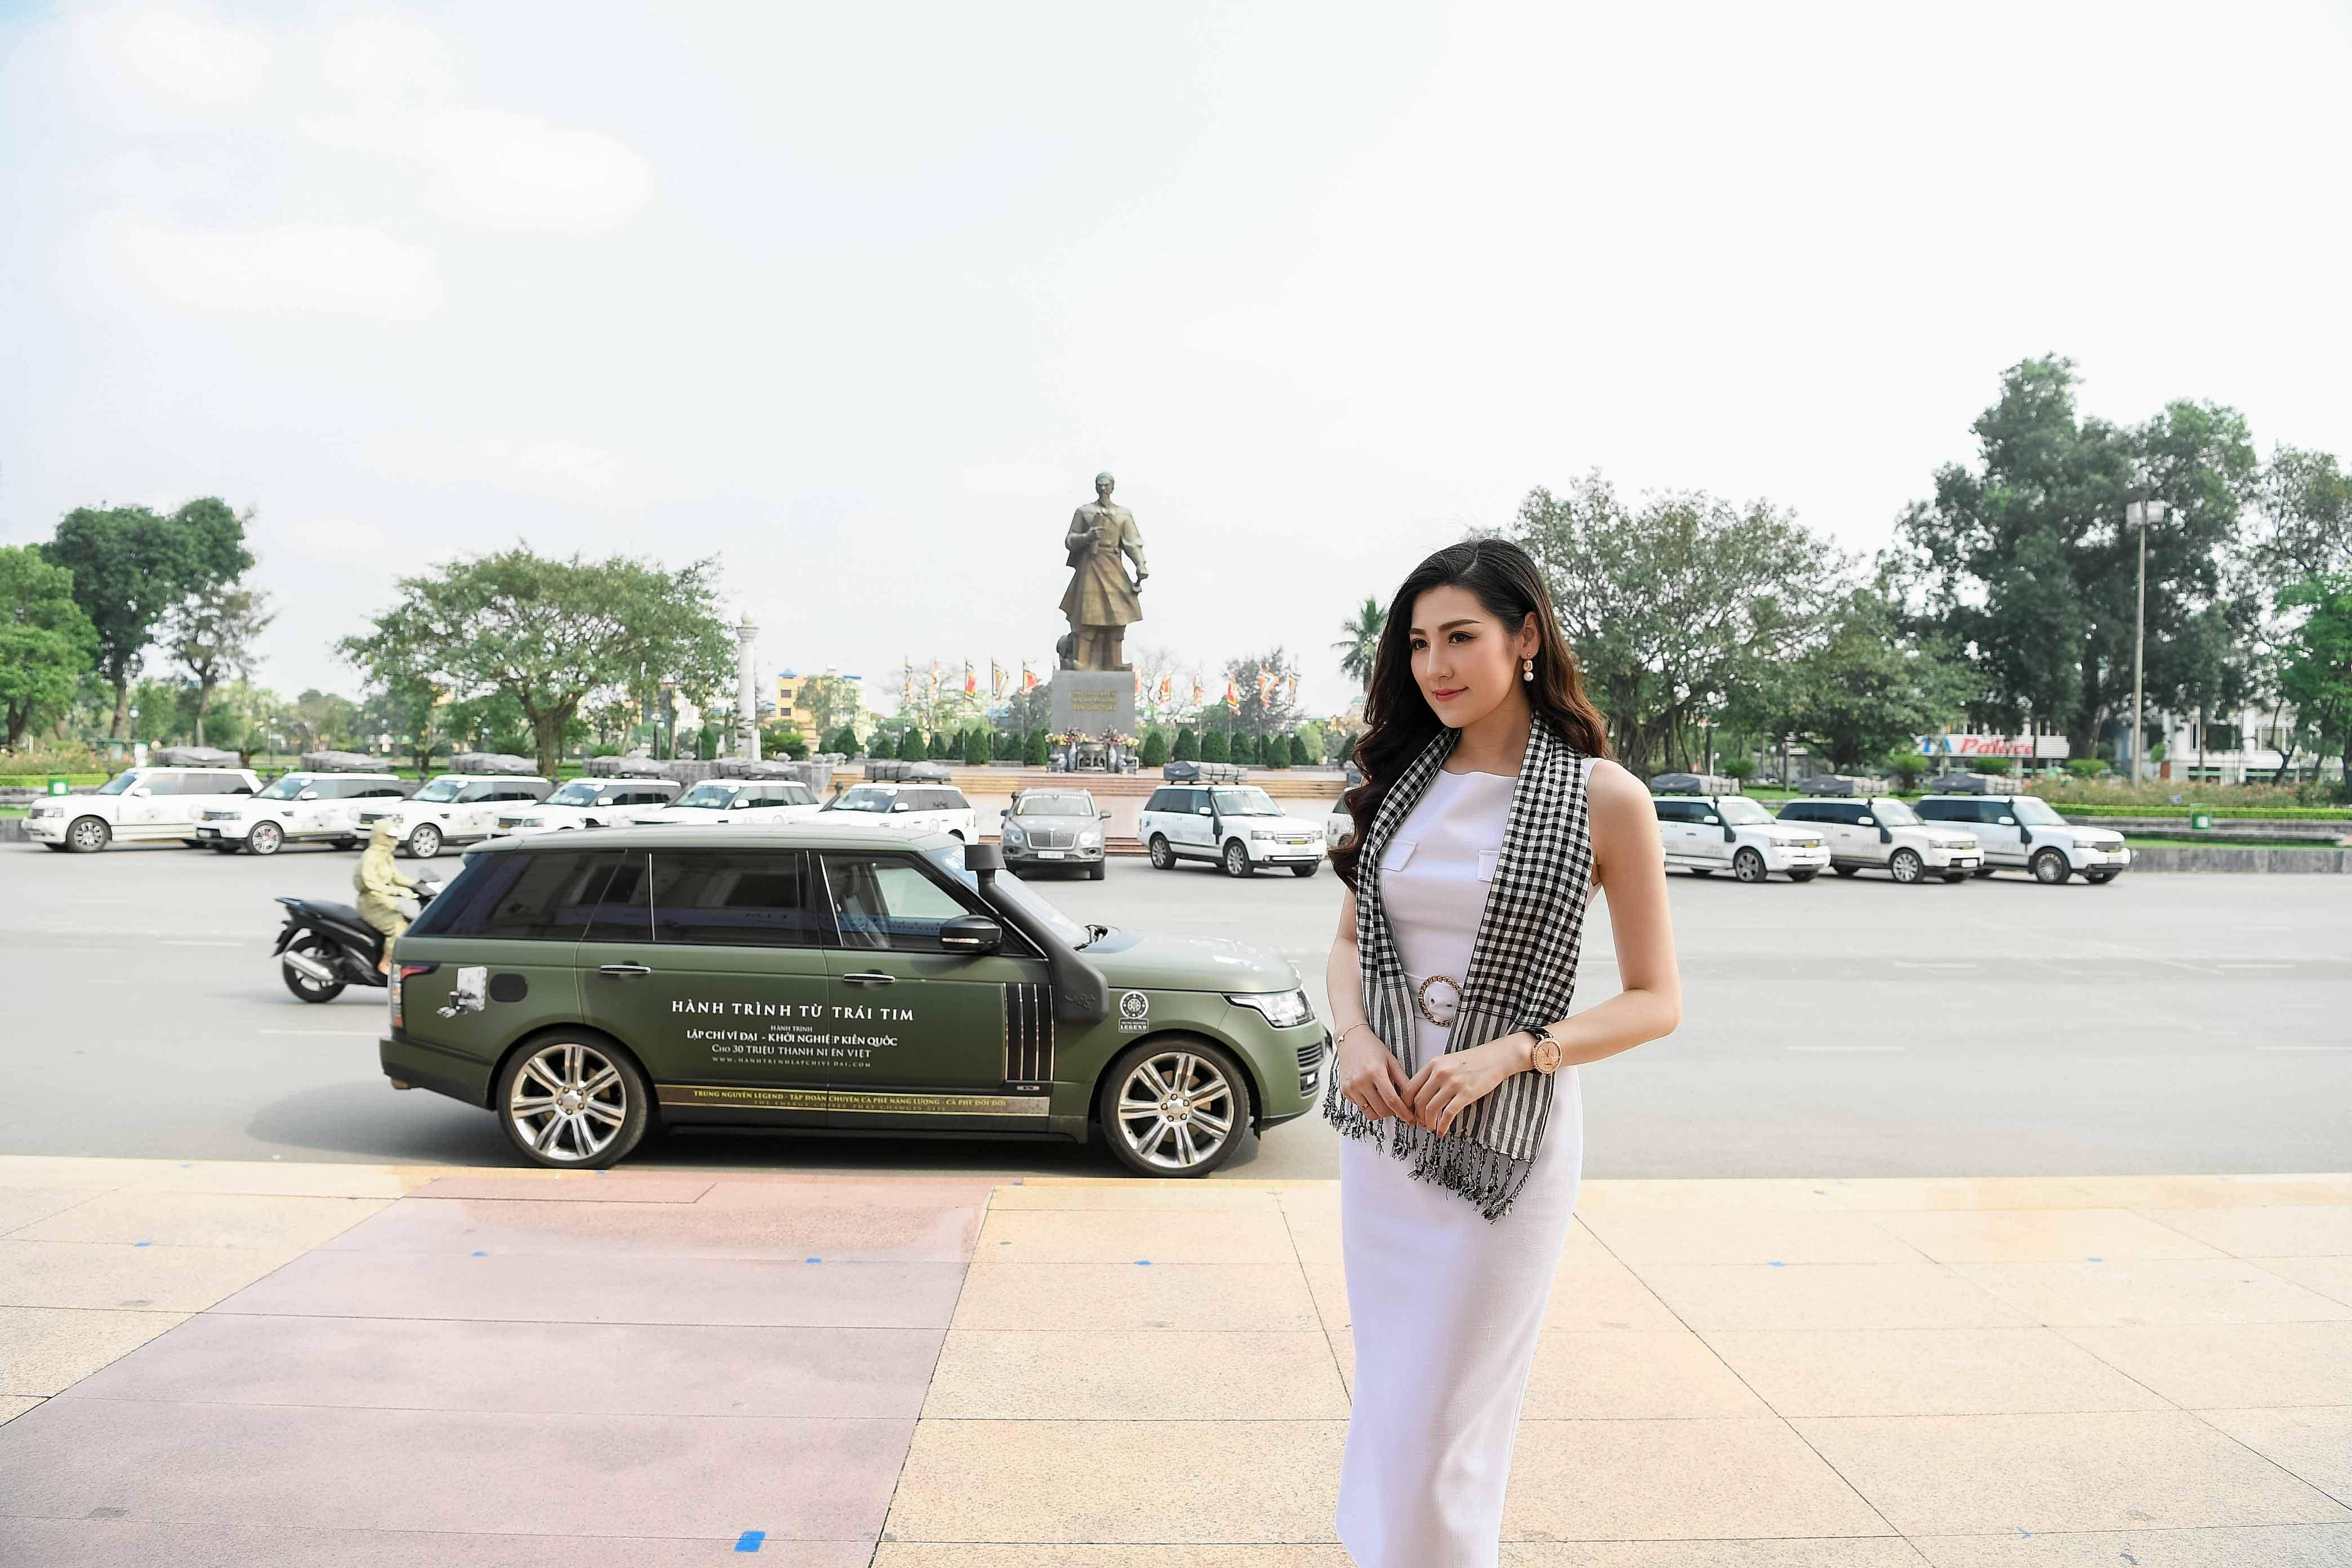 Tin tức 24h sao Việt mới nhất, nóng nhất ngày 10/4/2019 5